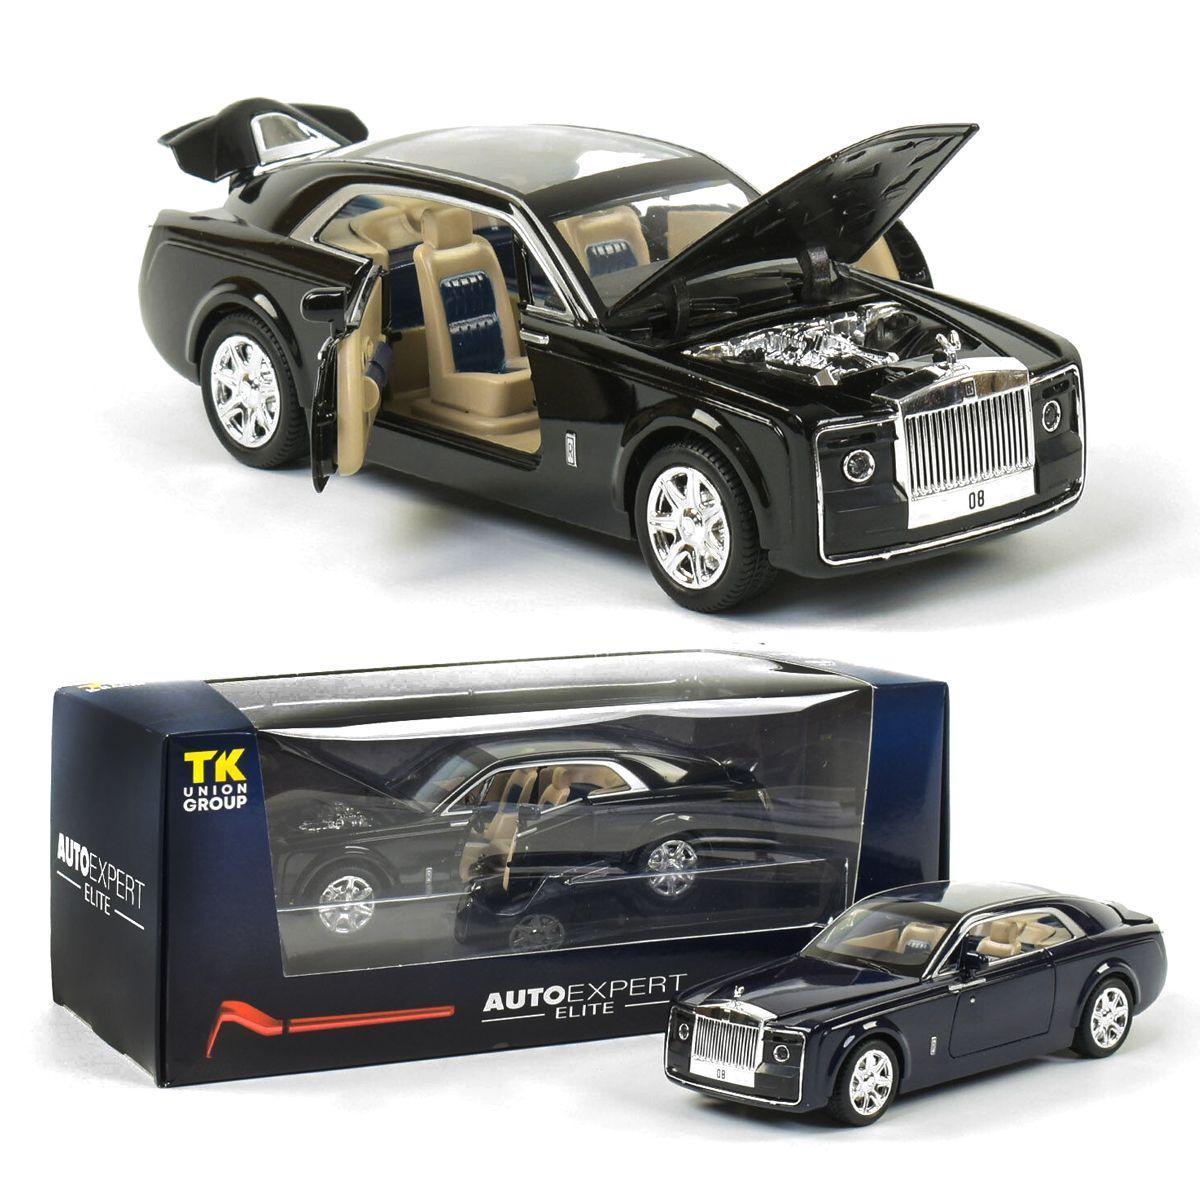 Коллекционная машина Rolls-Royce, инерционная